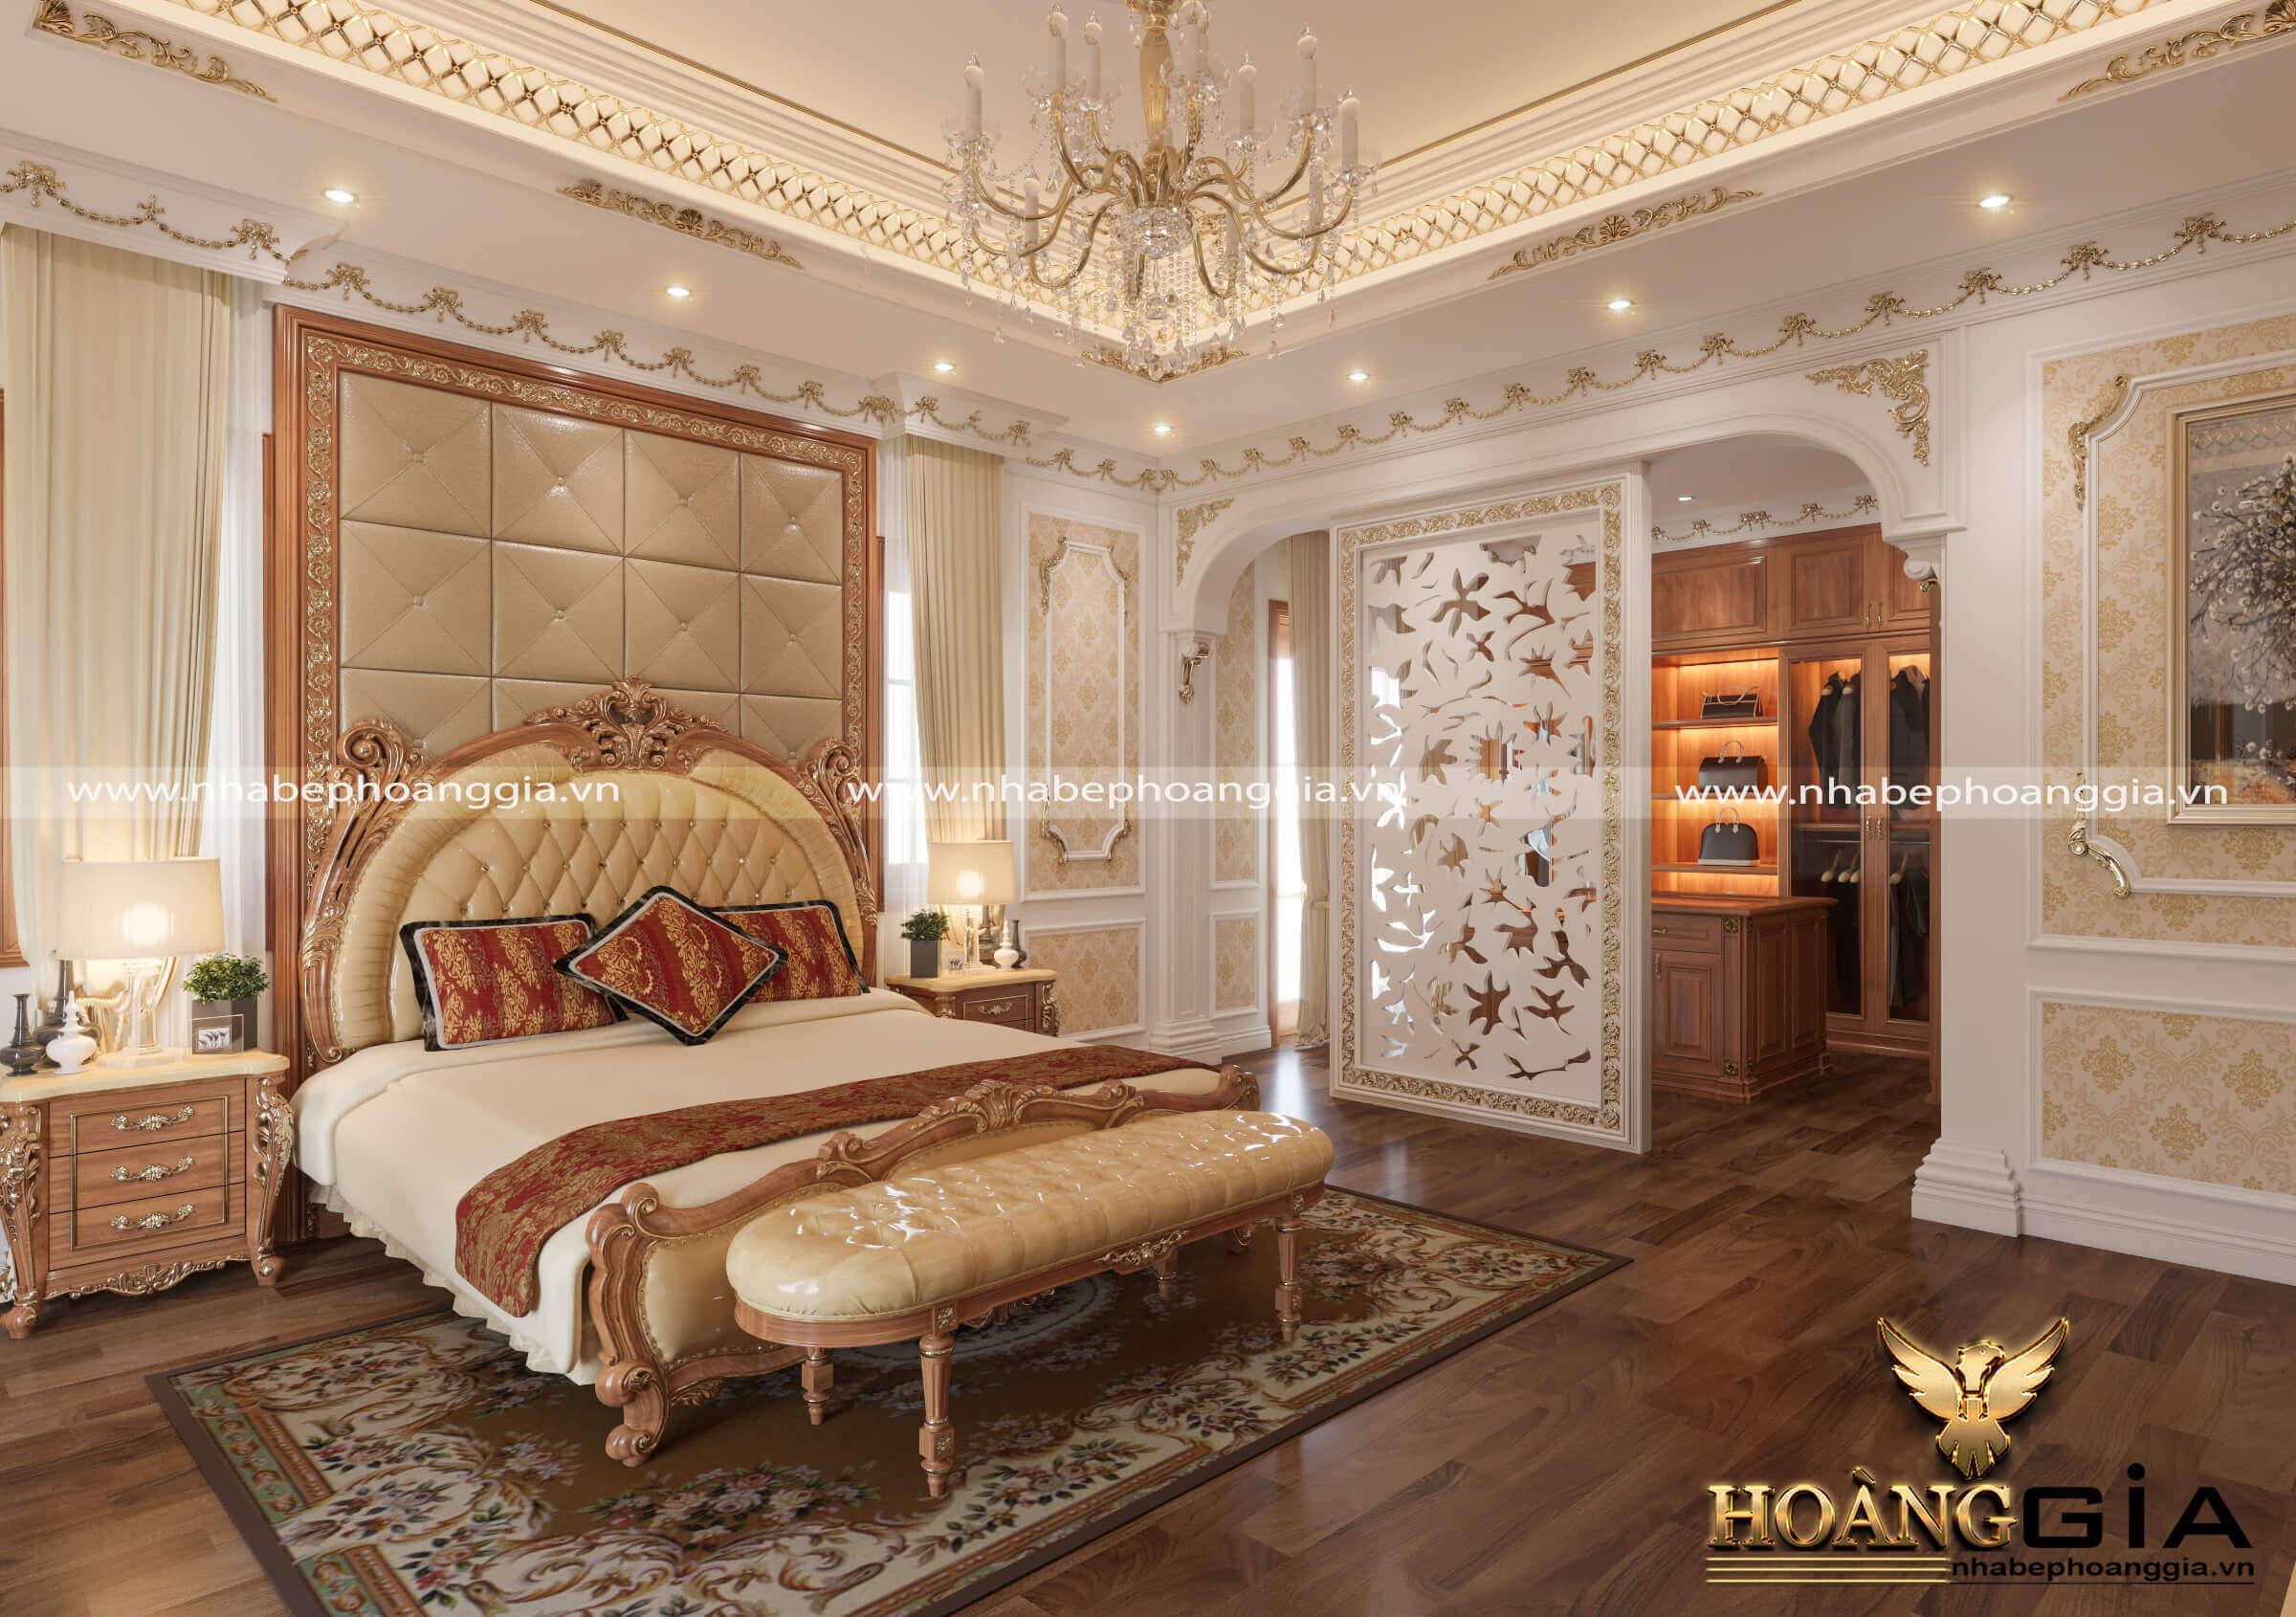 giường ngủ gỗ tự nhiên đẹp nhất 2020